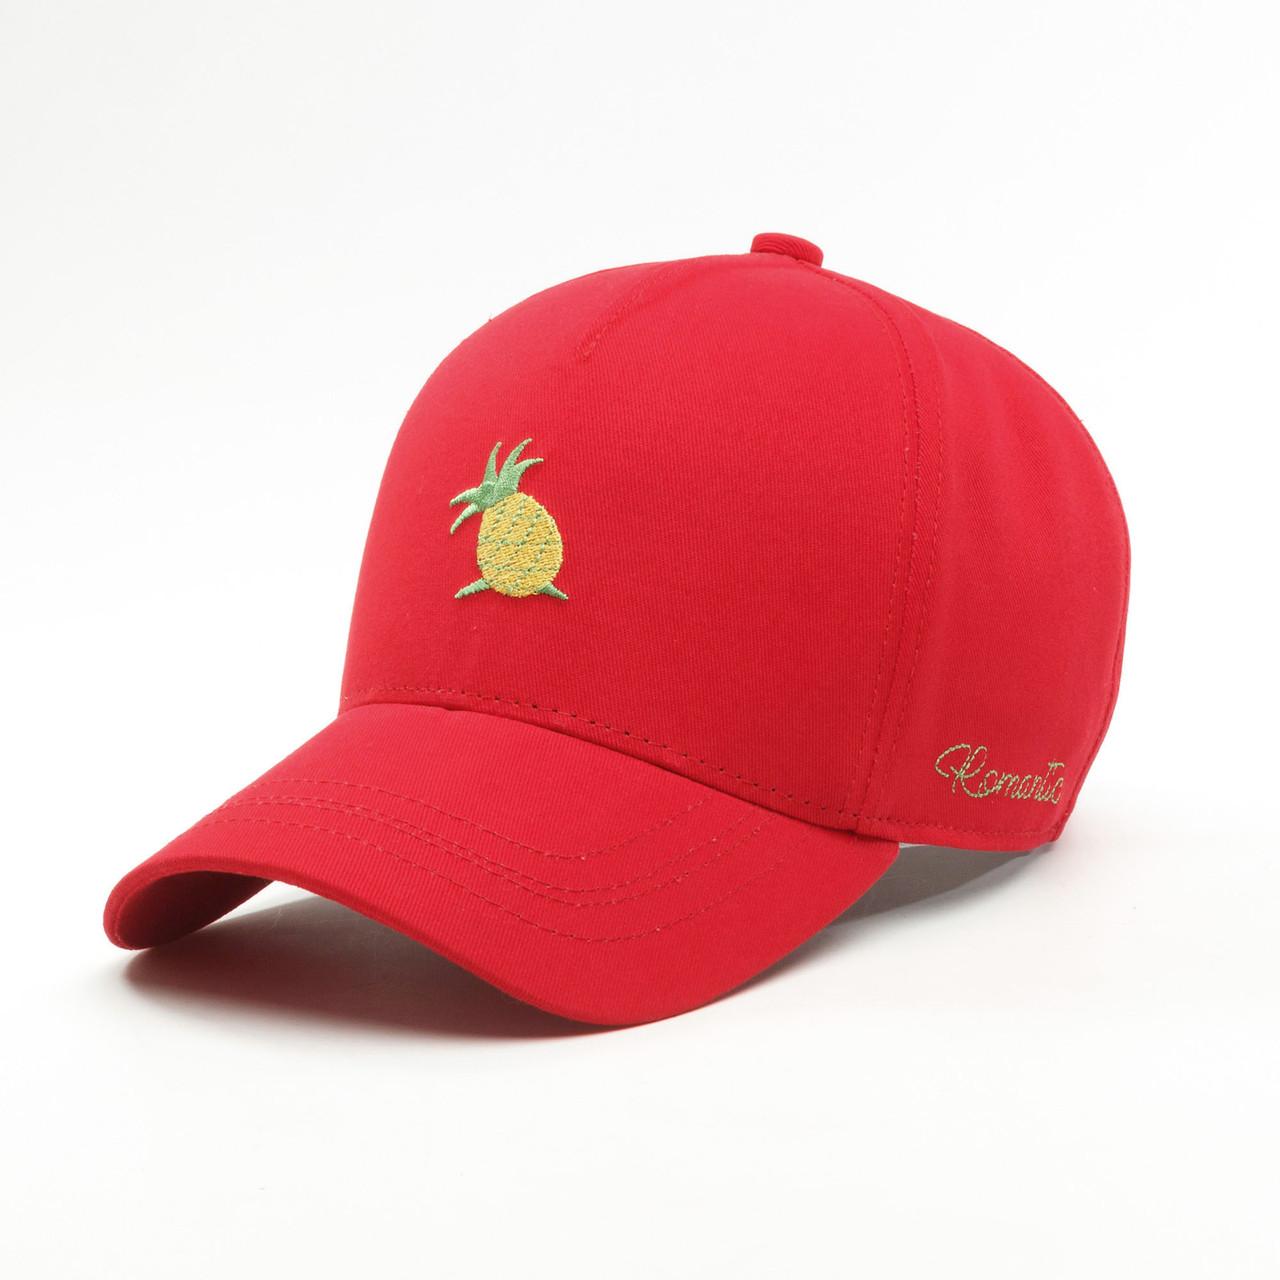 Женская кепка бейсболка INAL ананасик S / 53-54 RU Красный 69353